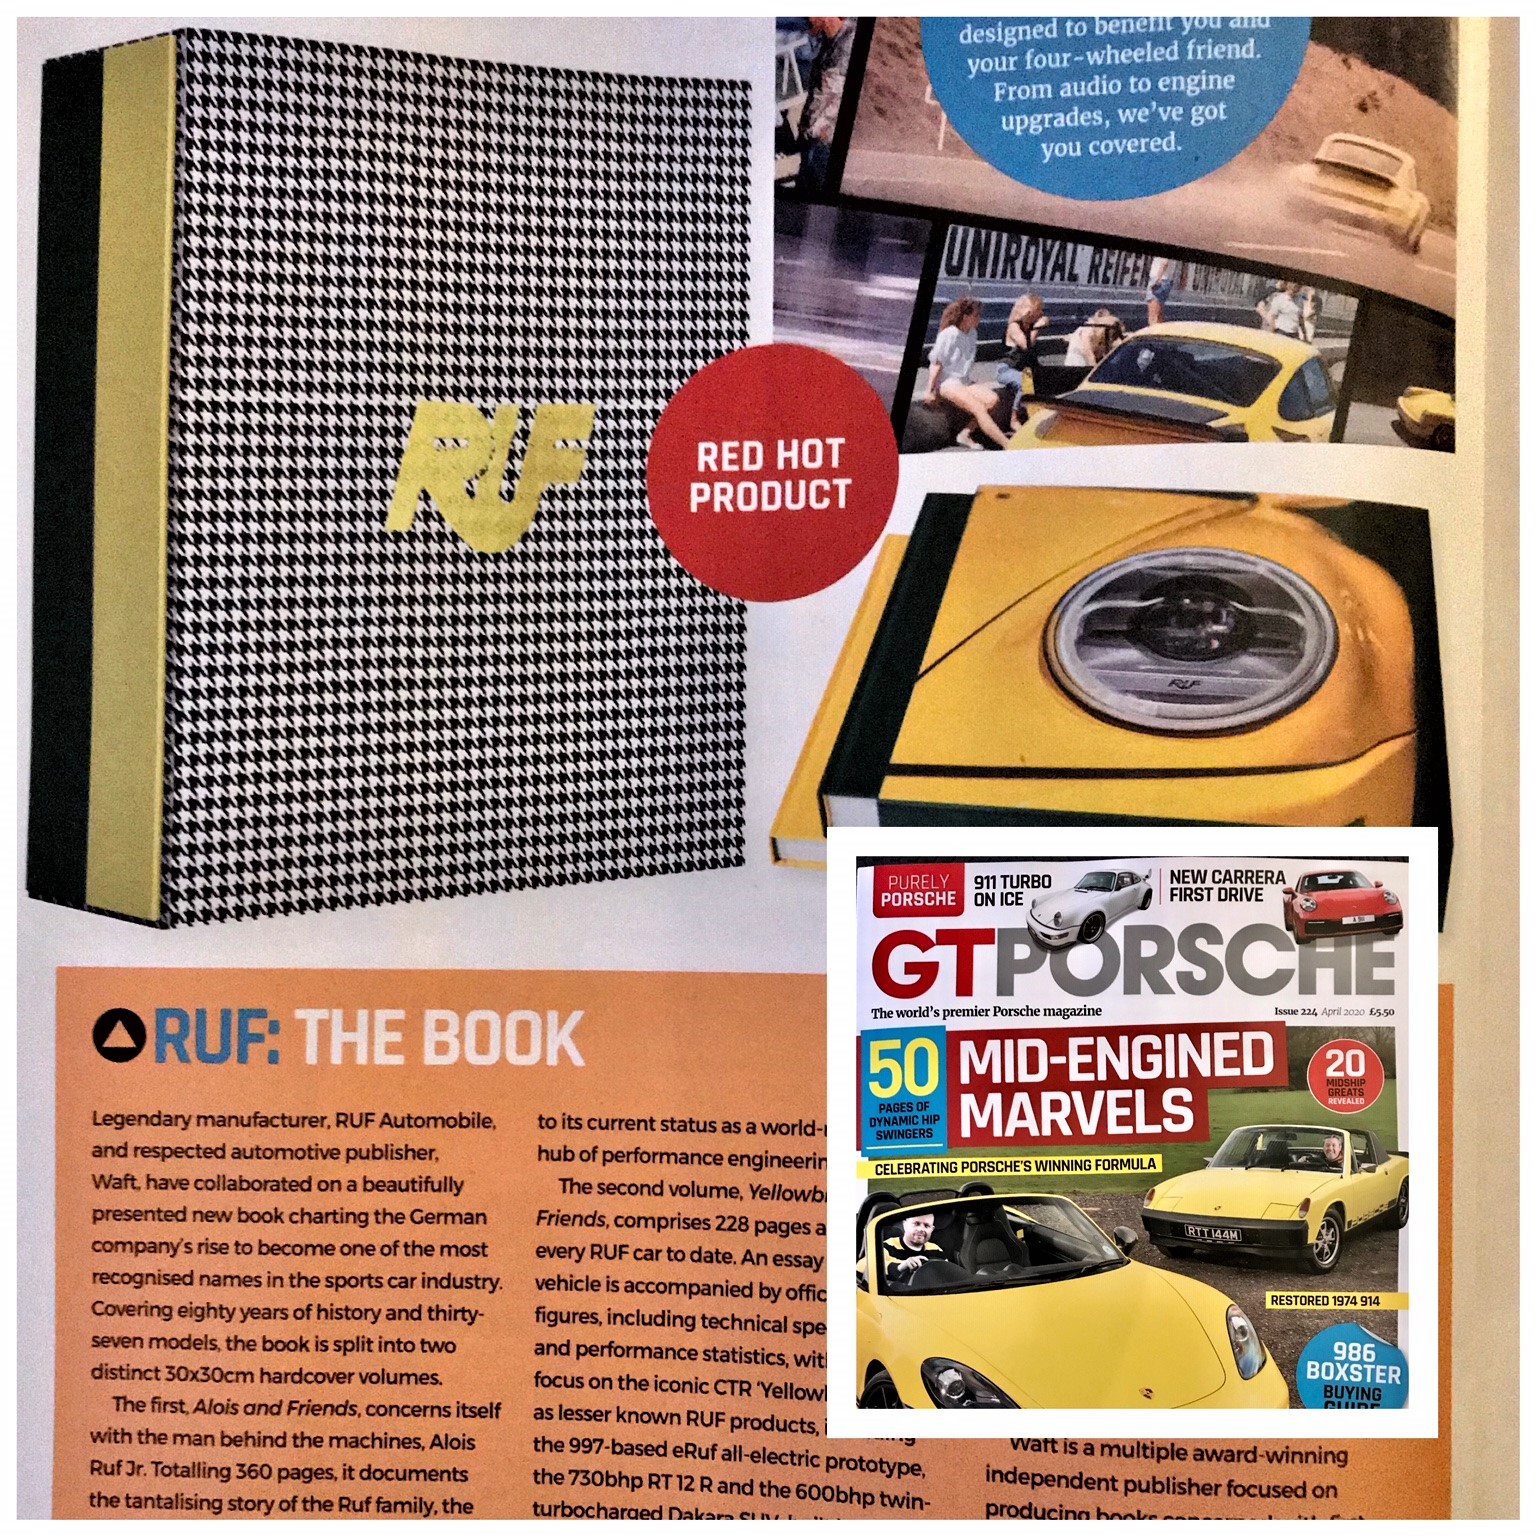 GT Porsche Magazine - April 2020